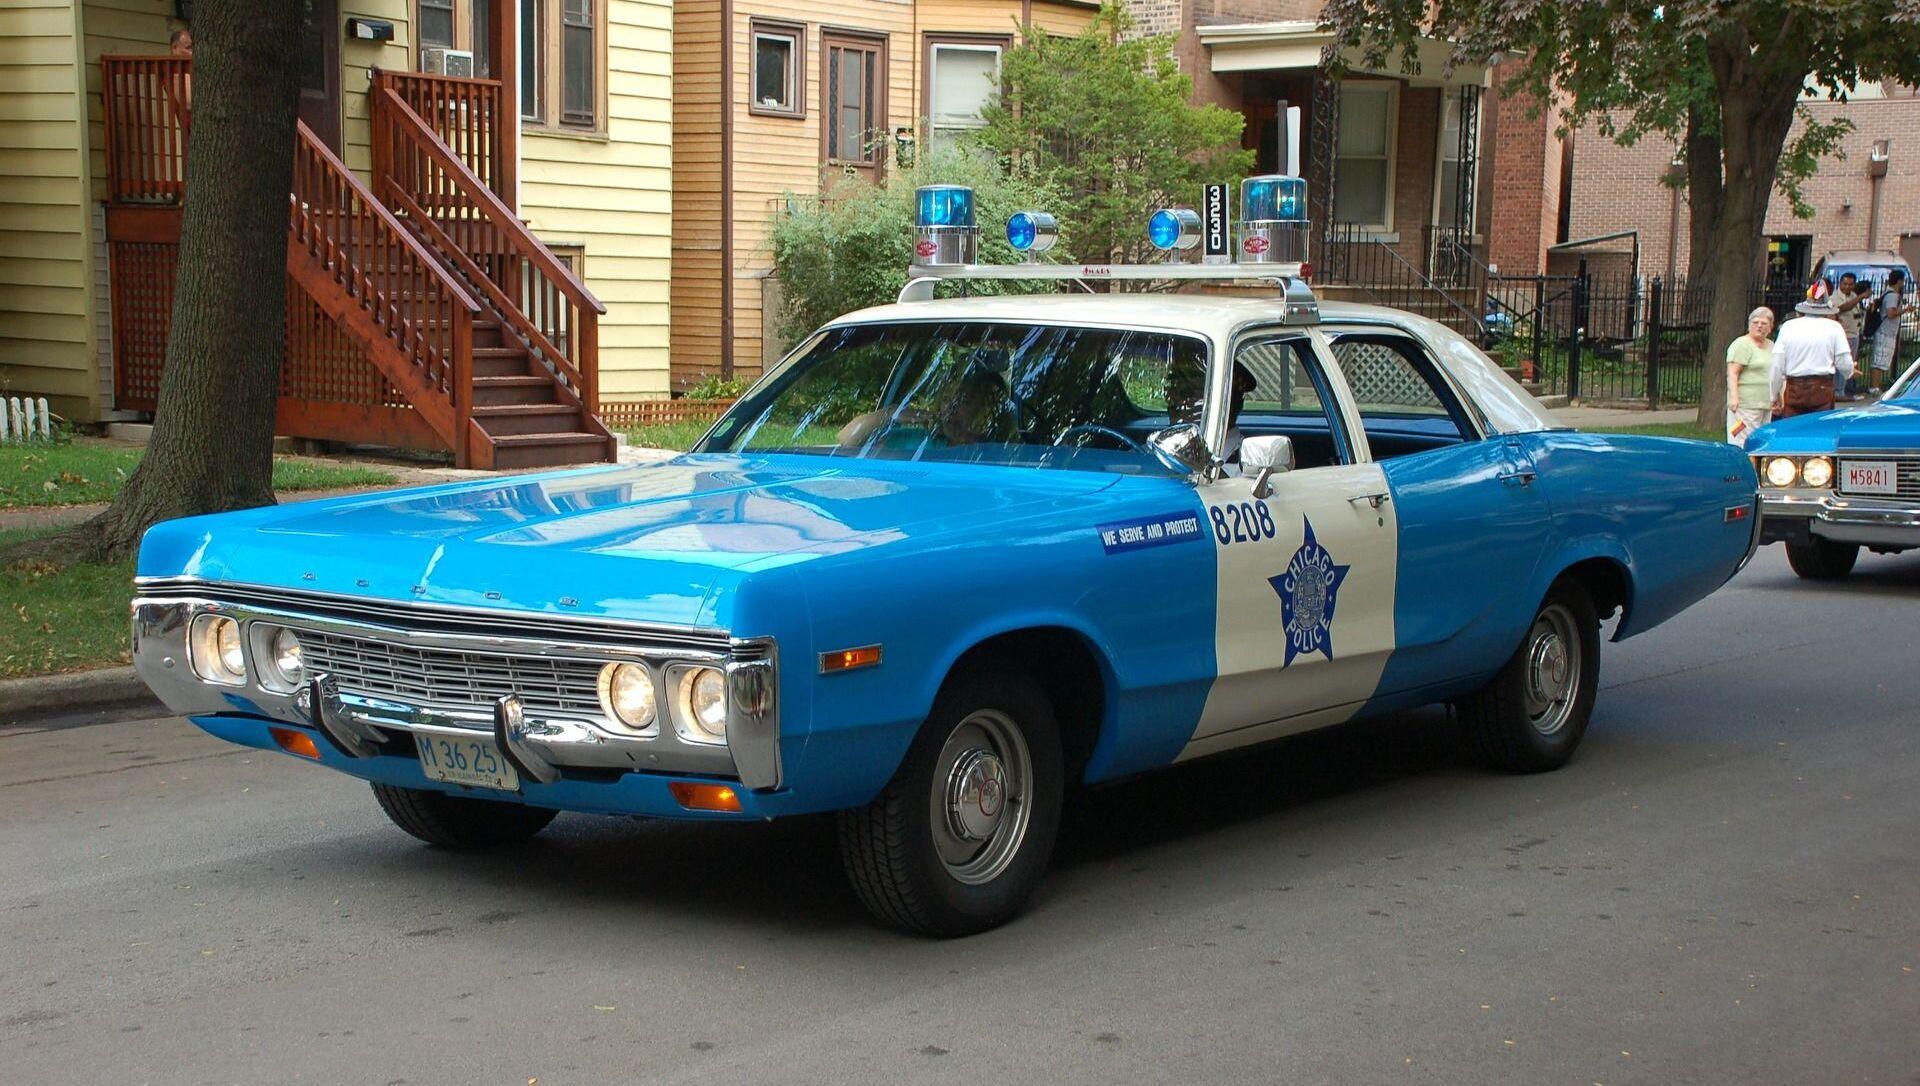 Une voiture de police à Chicago - Sputnik France, 1920, 08.08.2021